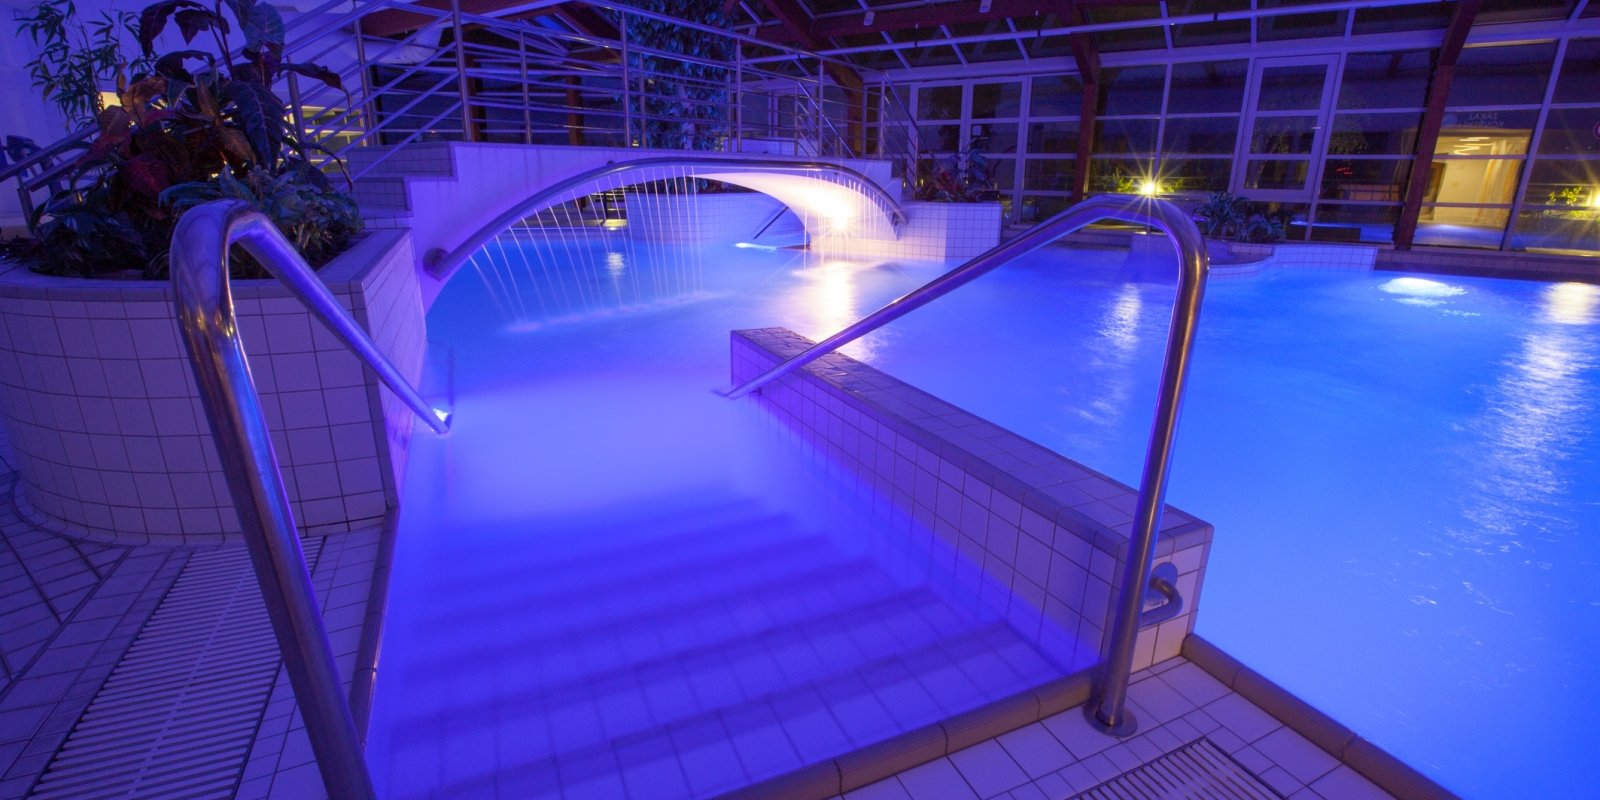 Lázeňské aquacentrum nabízí spoustu možností k relaxaci po náročném dni na svahu.